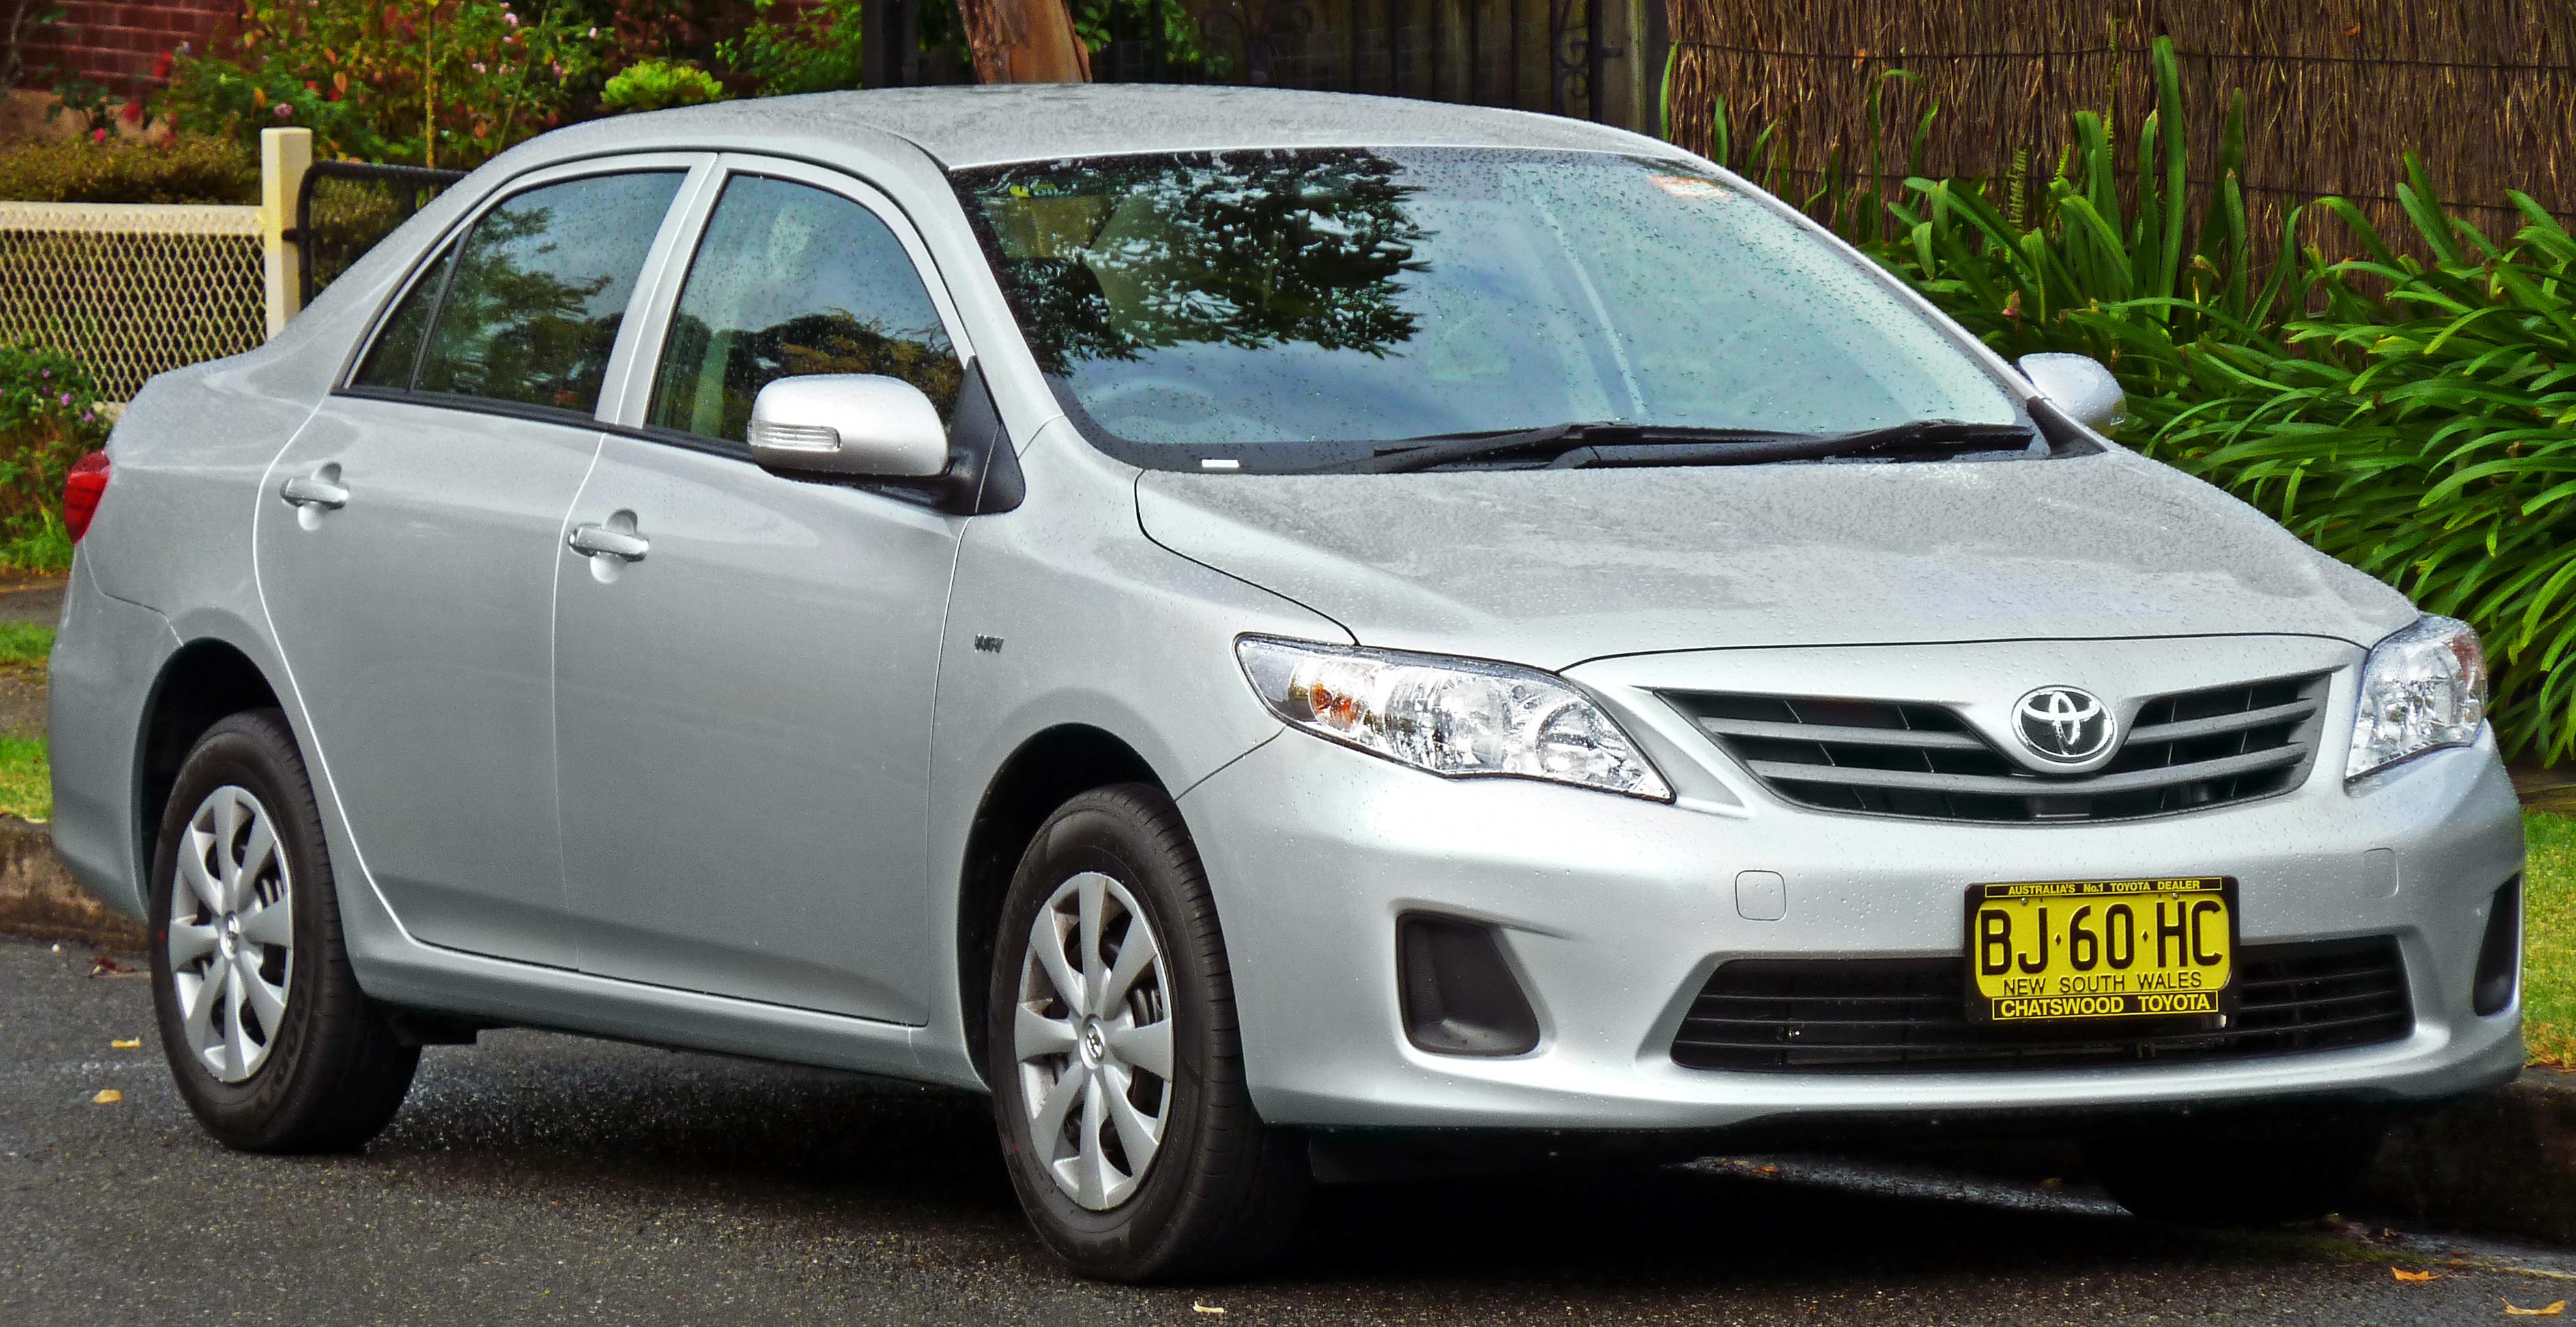 2010 Toyota Corolla Image 20